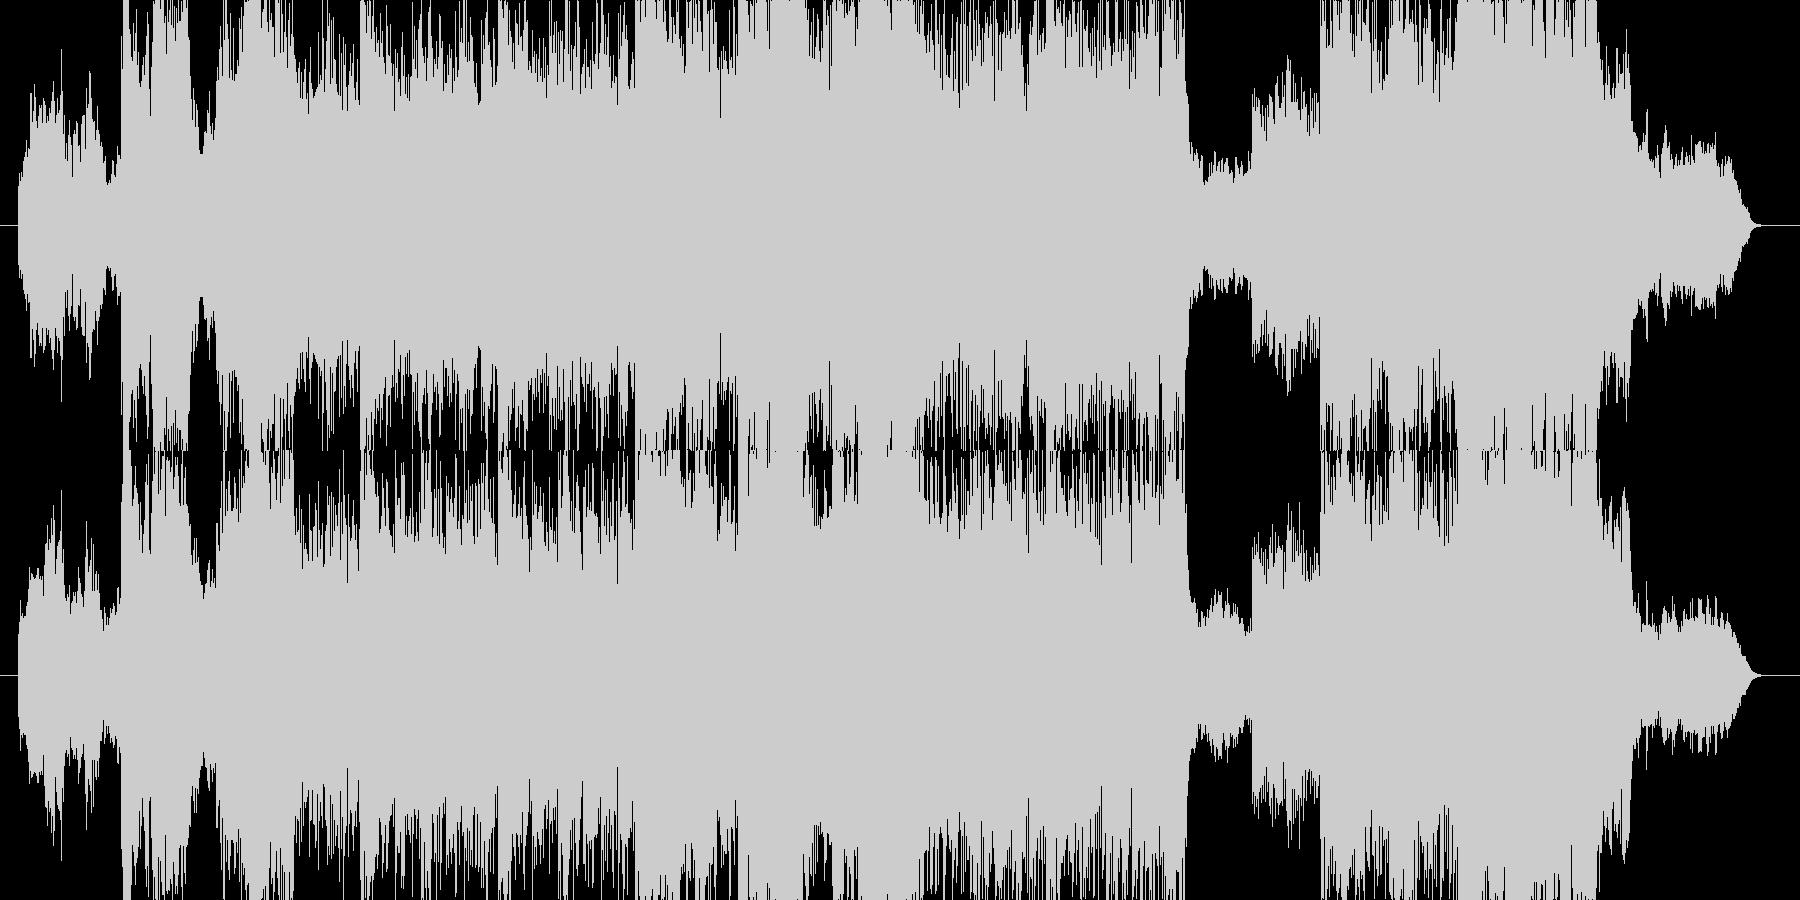 異国情緒溢れる神秘的なデジタルサウンドの未再生の波形